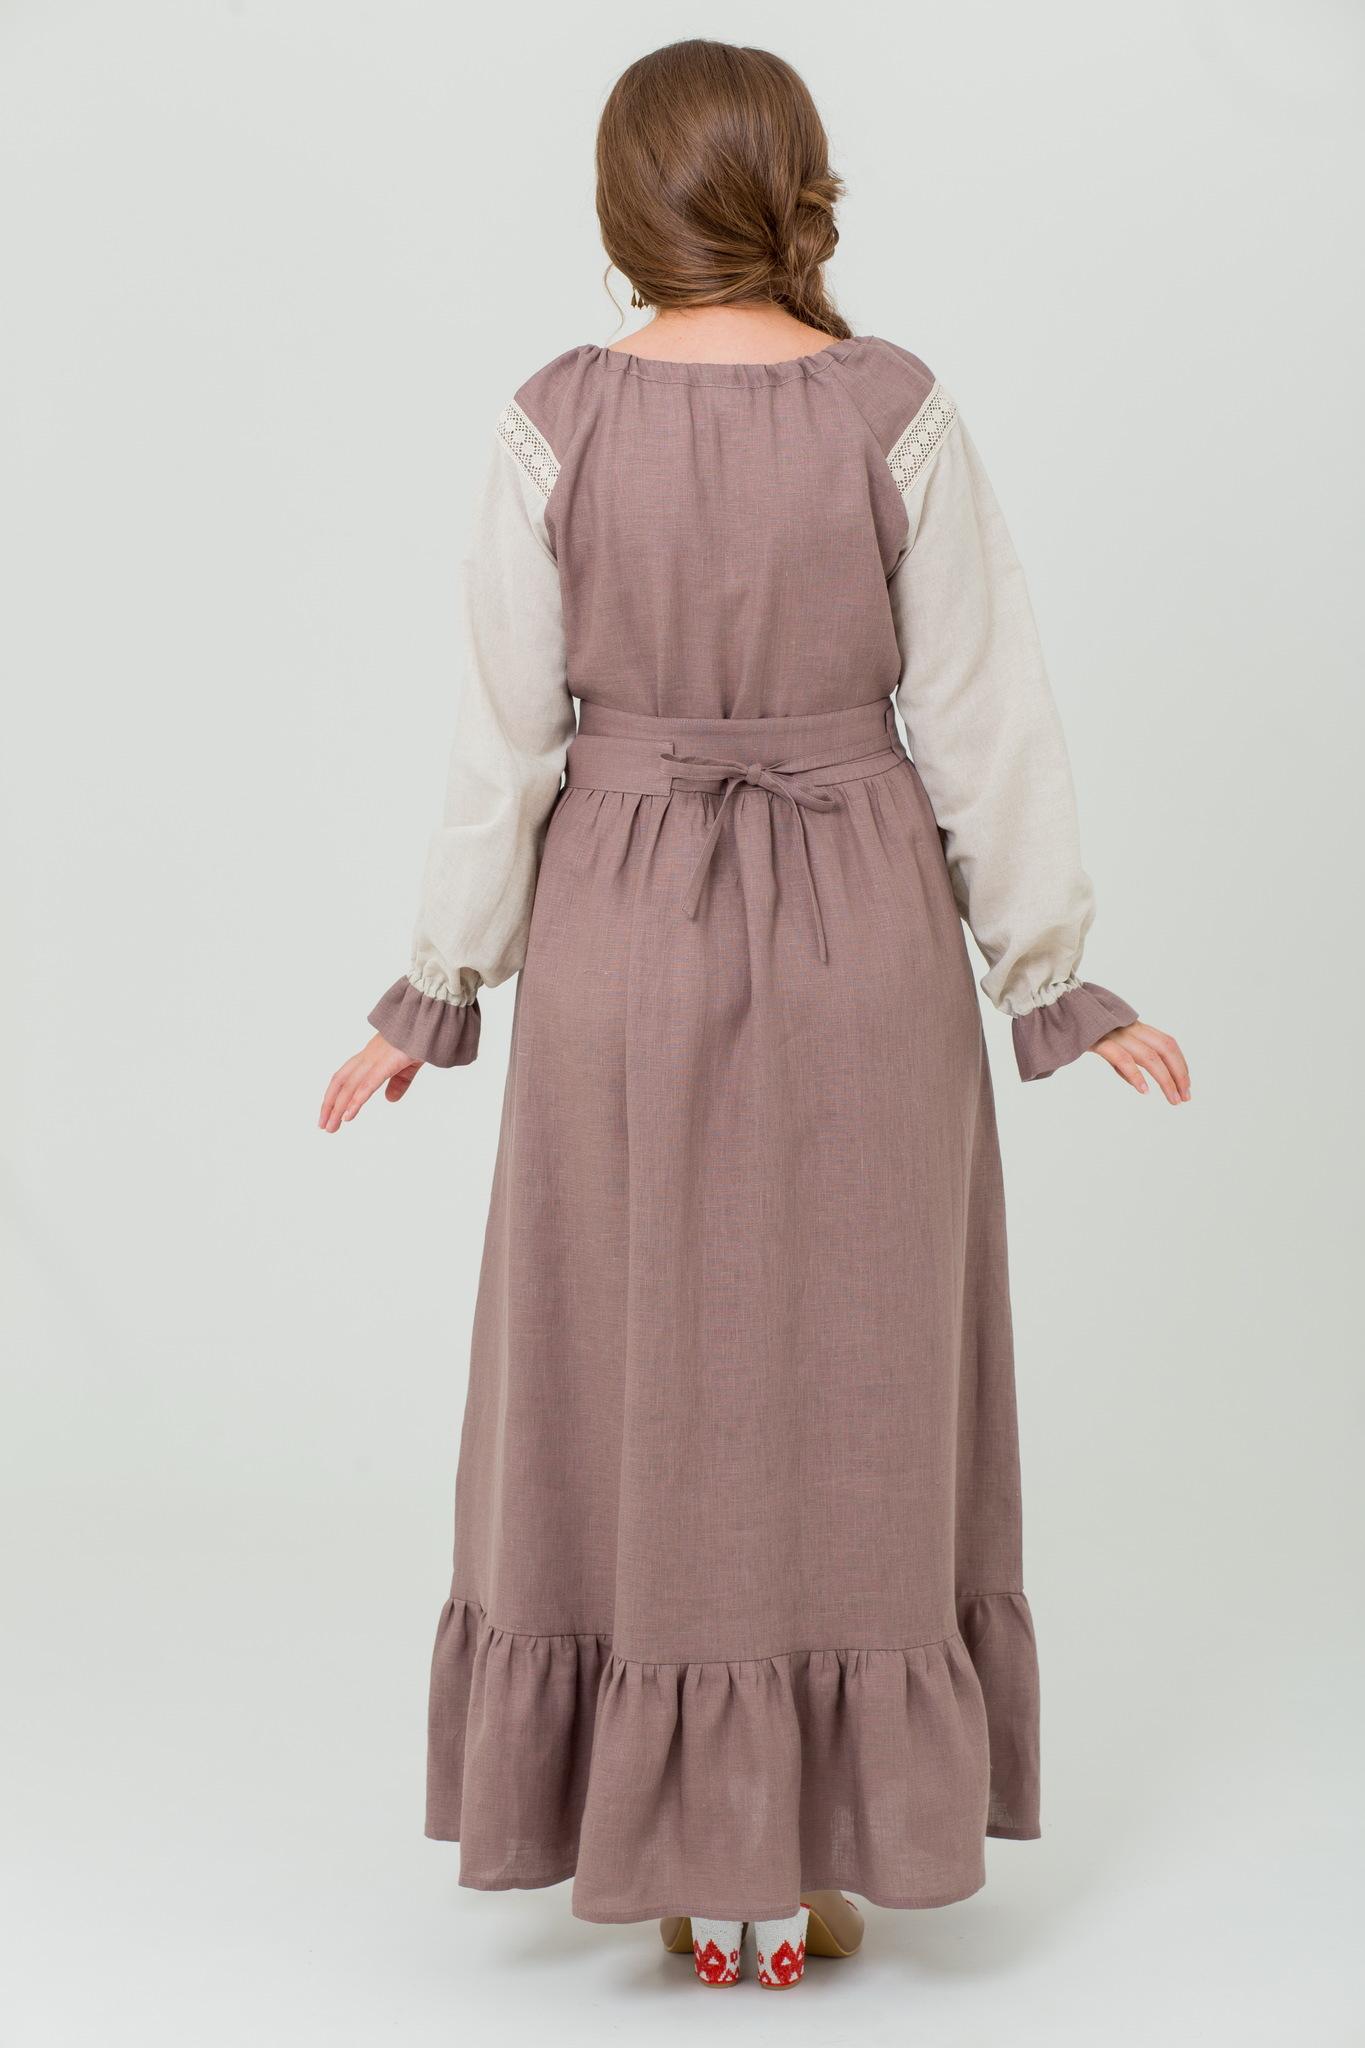 Льняное платье народное Тихий вечер с доставкой